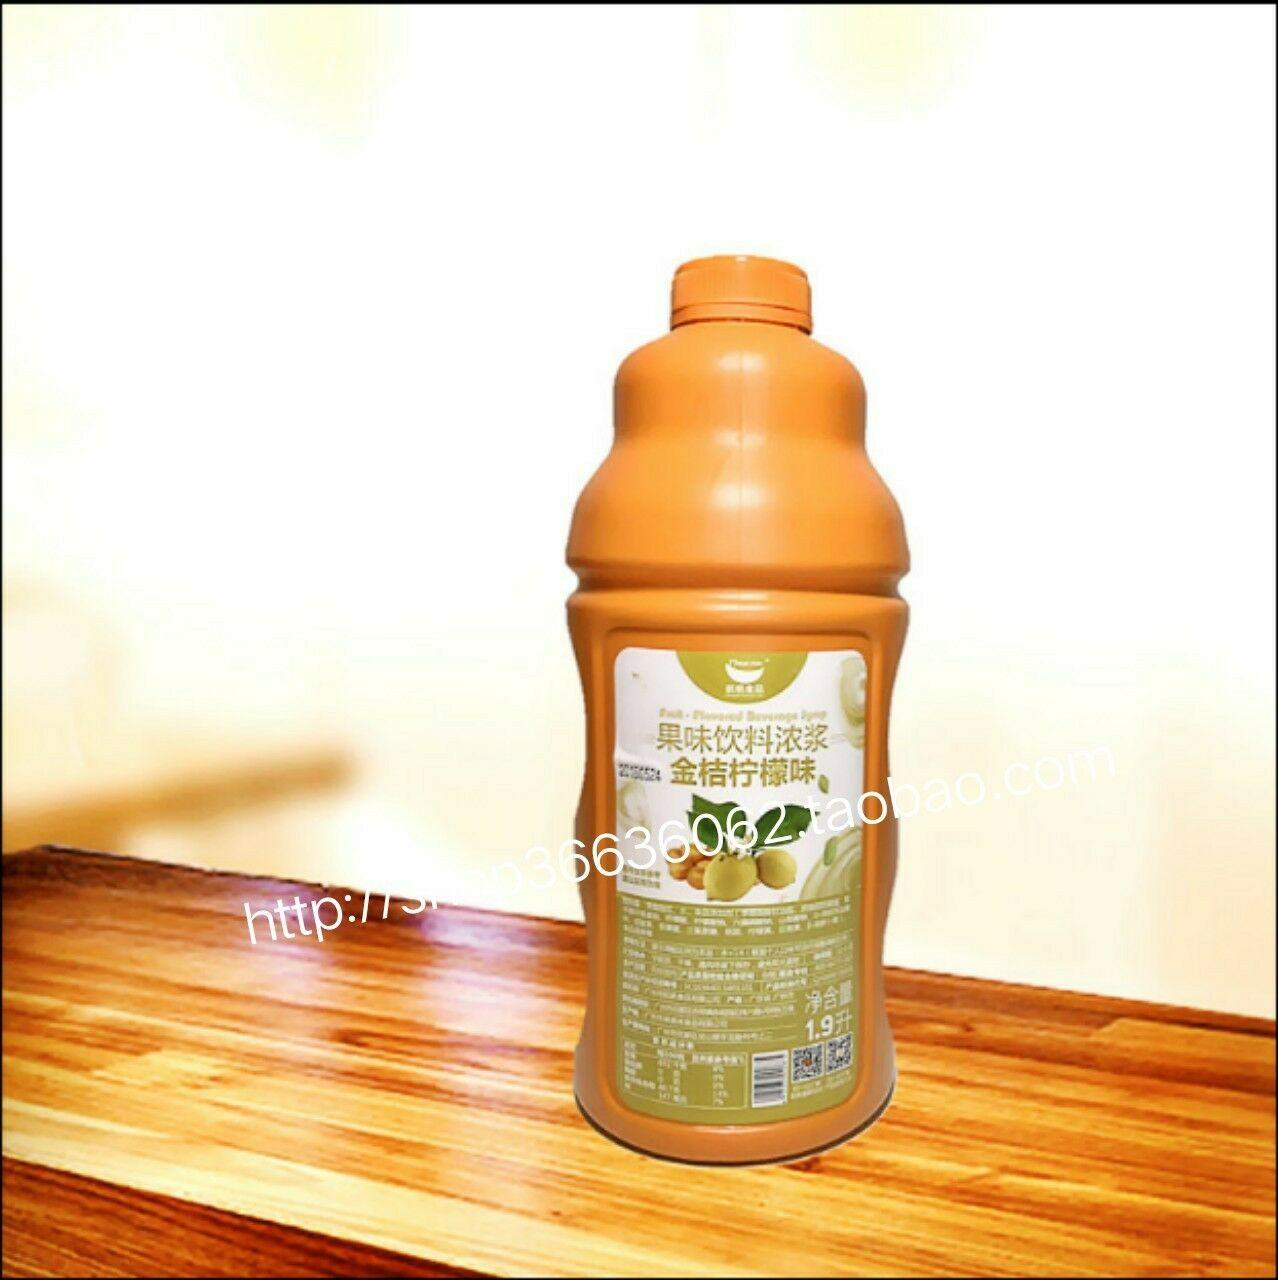 航帆特级金柑レモン果汁濃縮生搾果汁鍋料理チェーン専用の濃漿包郵送